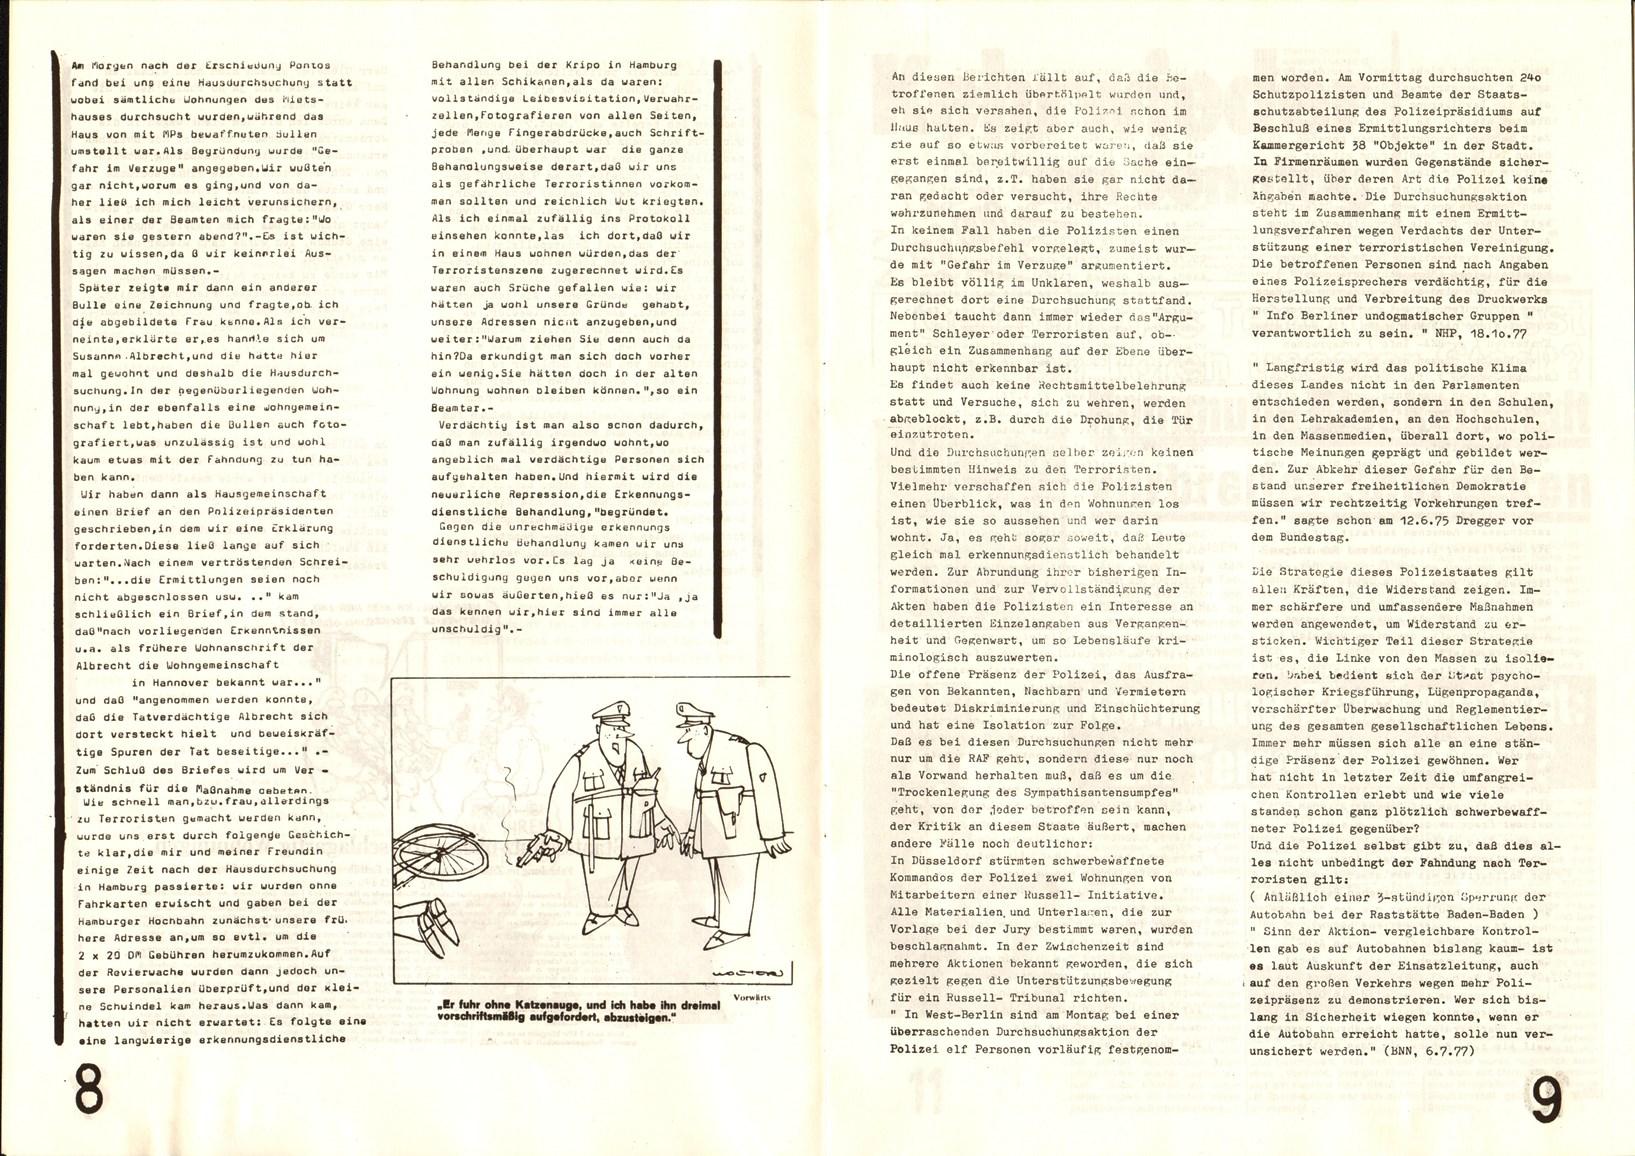 Hannover_Anti_Repressions_Info_03_1977_05